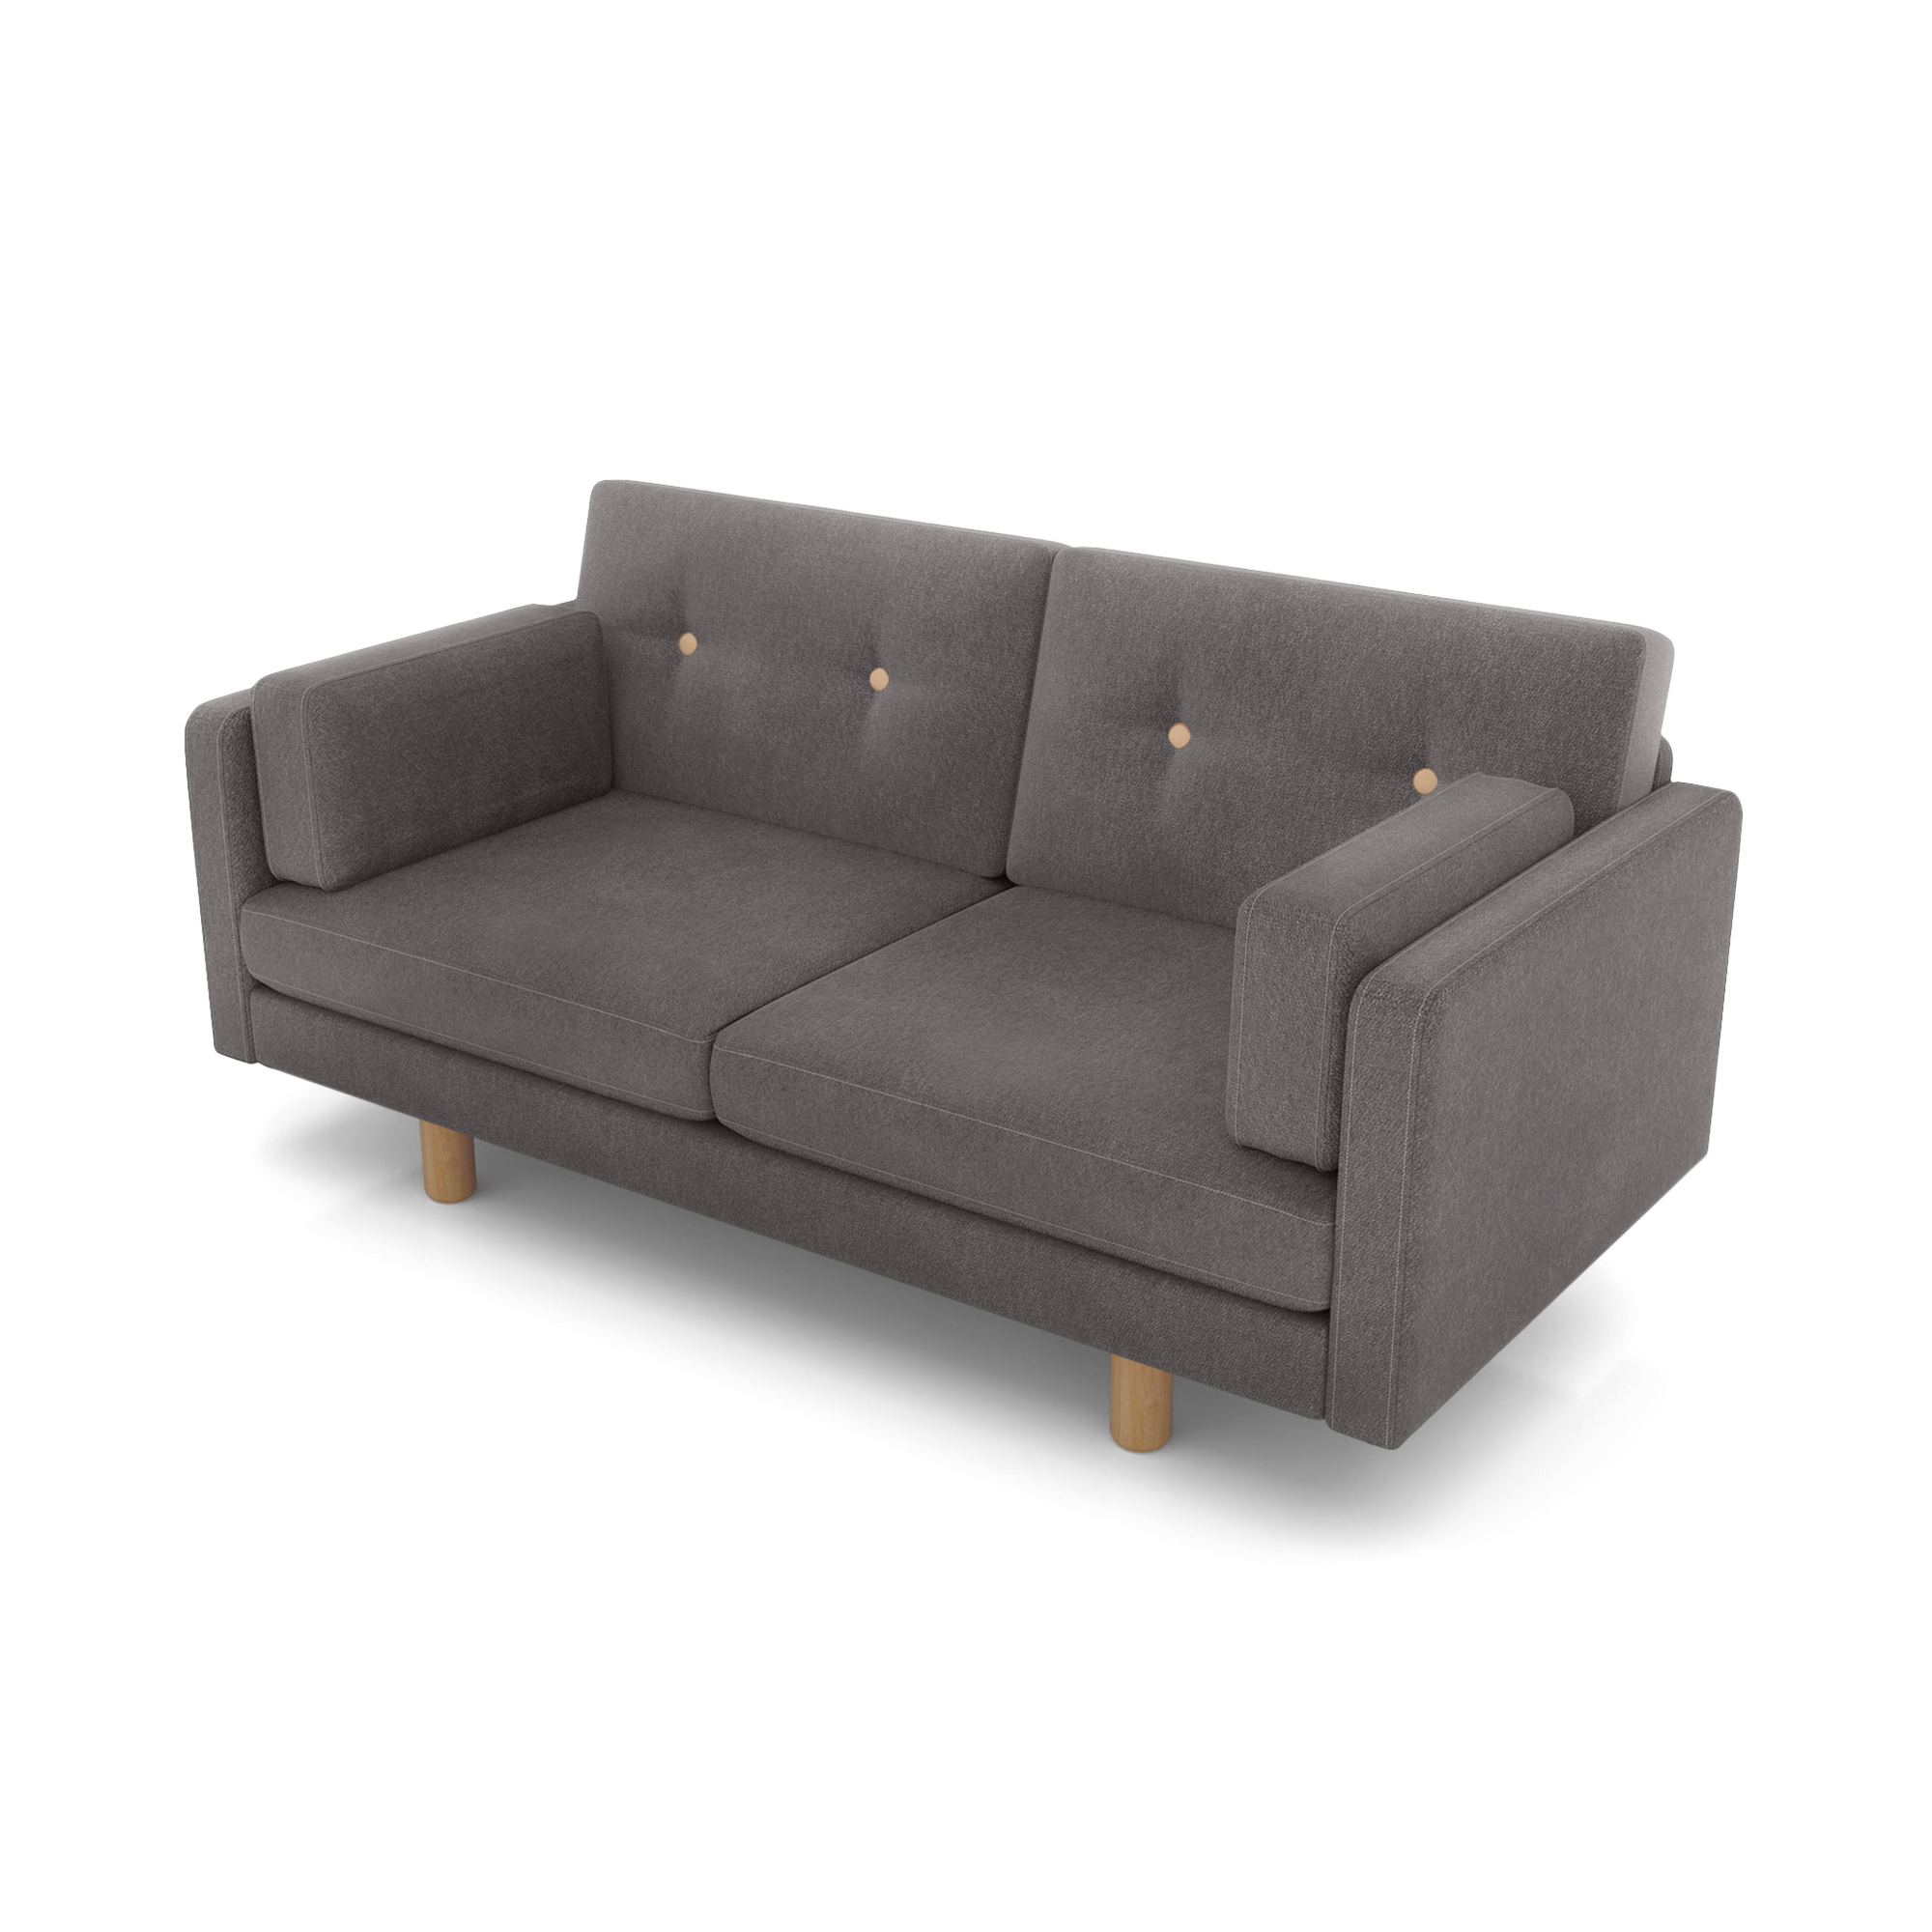 Фото - Диван AS Изабелла м 167x80x83 графит диван as изабелла м 167x80x83 синий